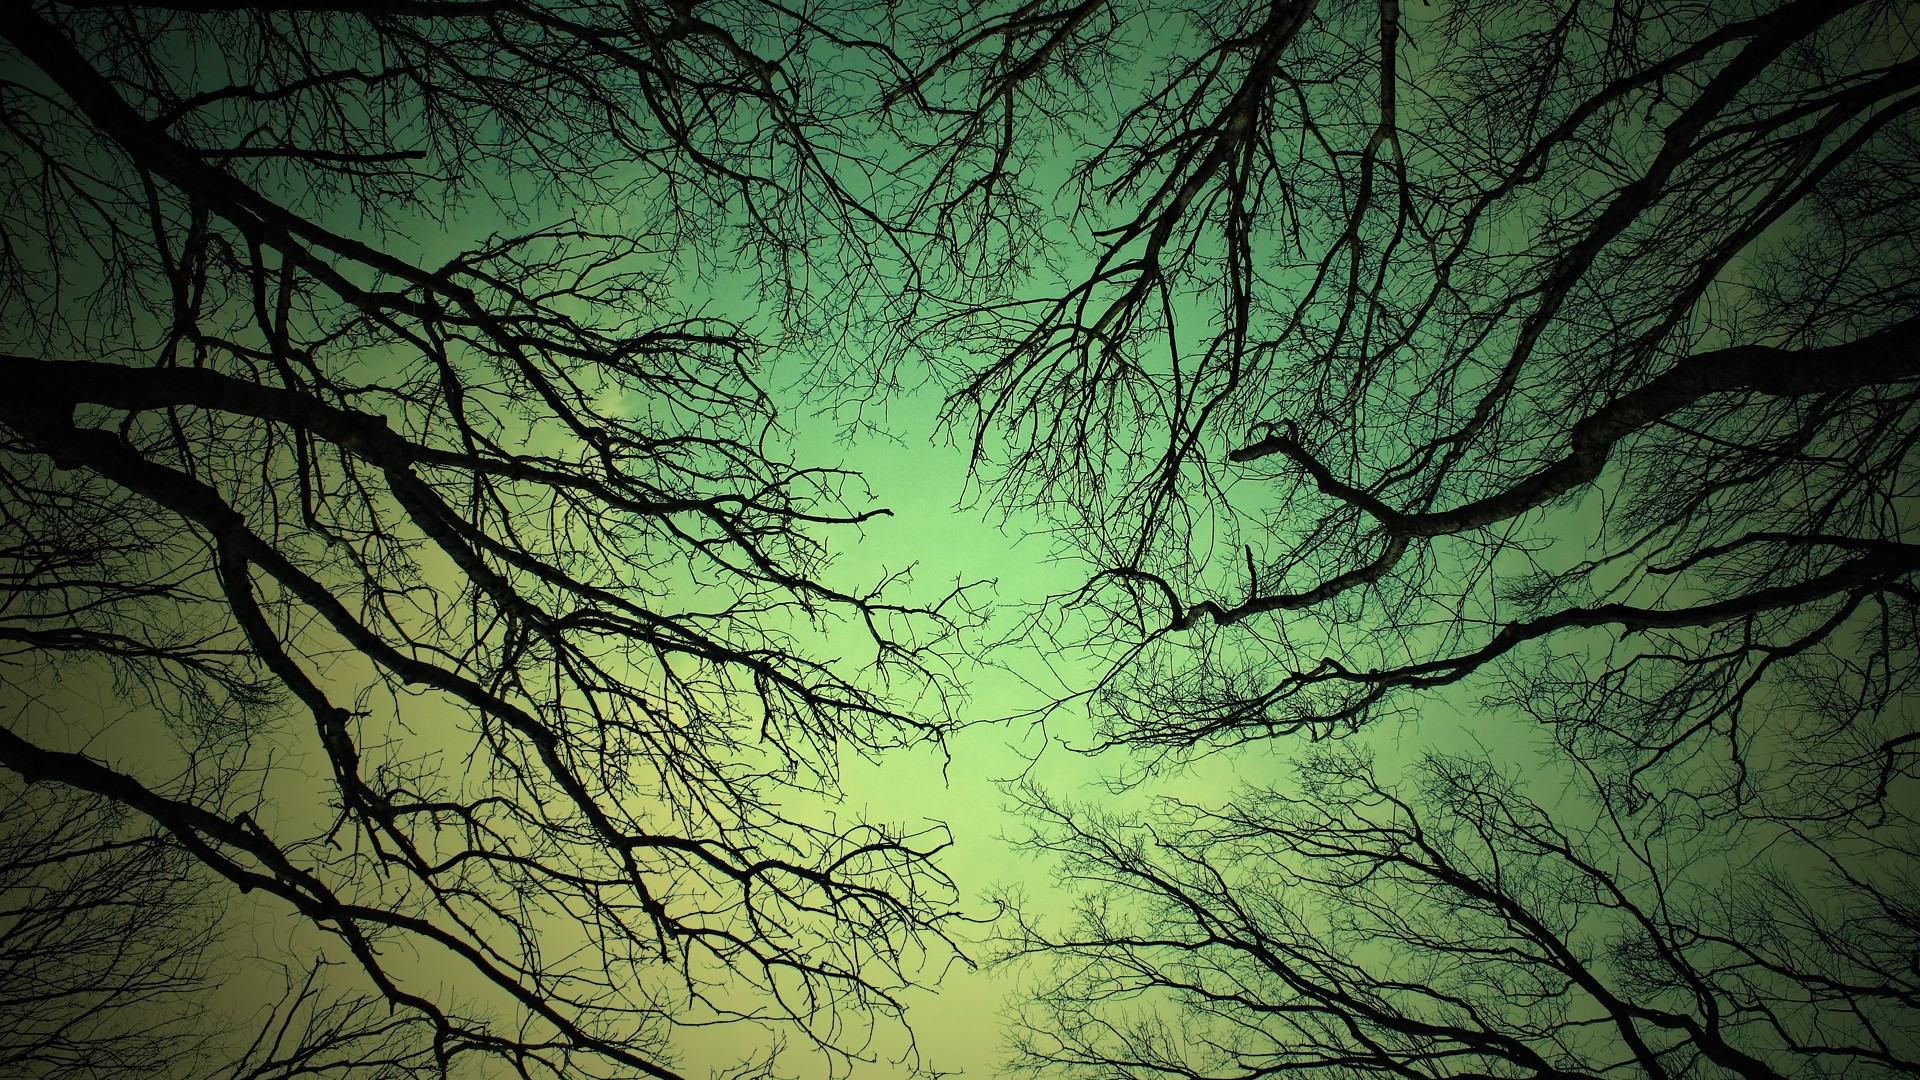 деревья природа ветка trees nature branch  № 439574 бесплатно